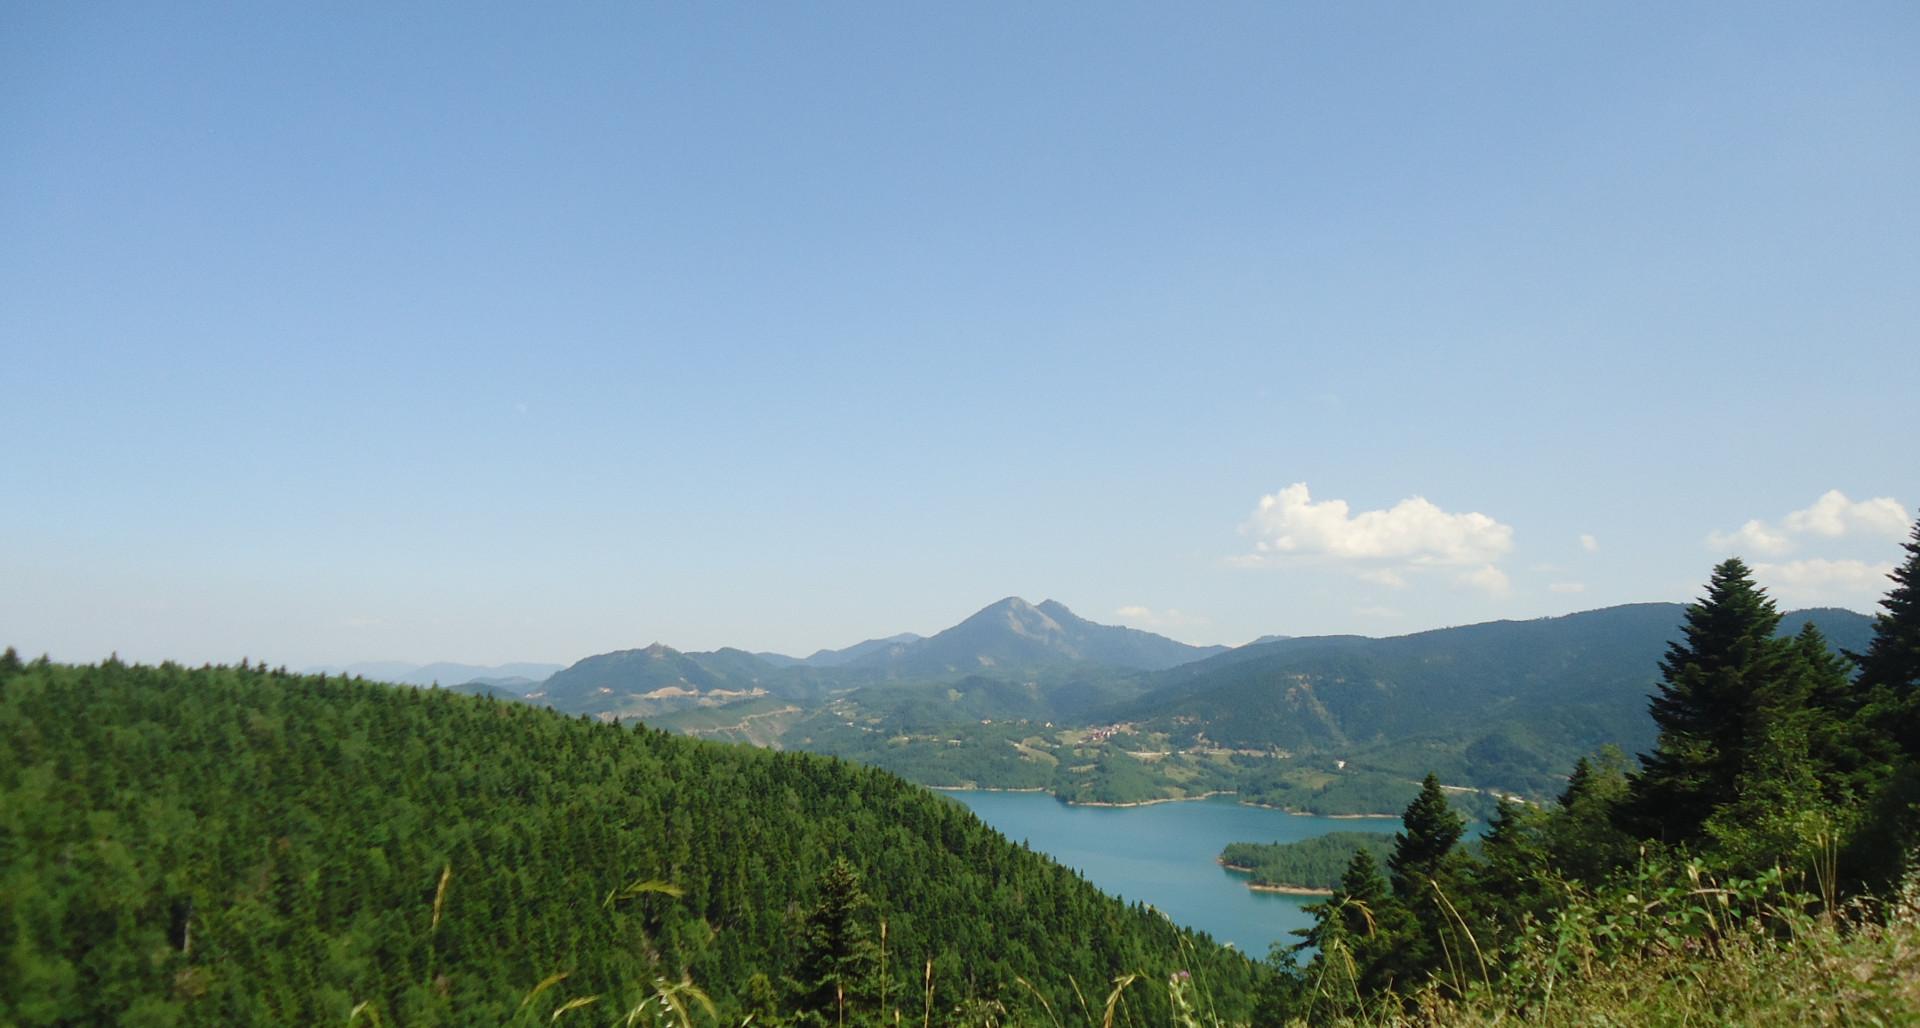 Λίμνη Πλαστήρα - Άγραφα - Νομός Καρδίτσας